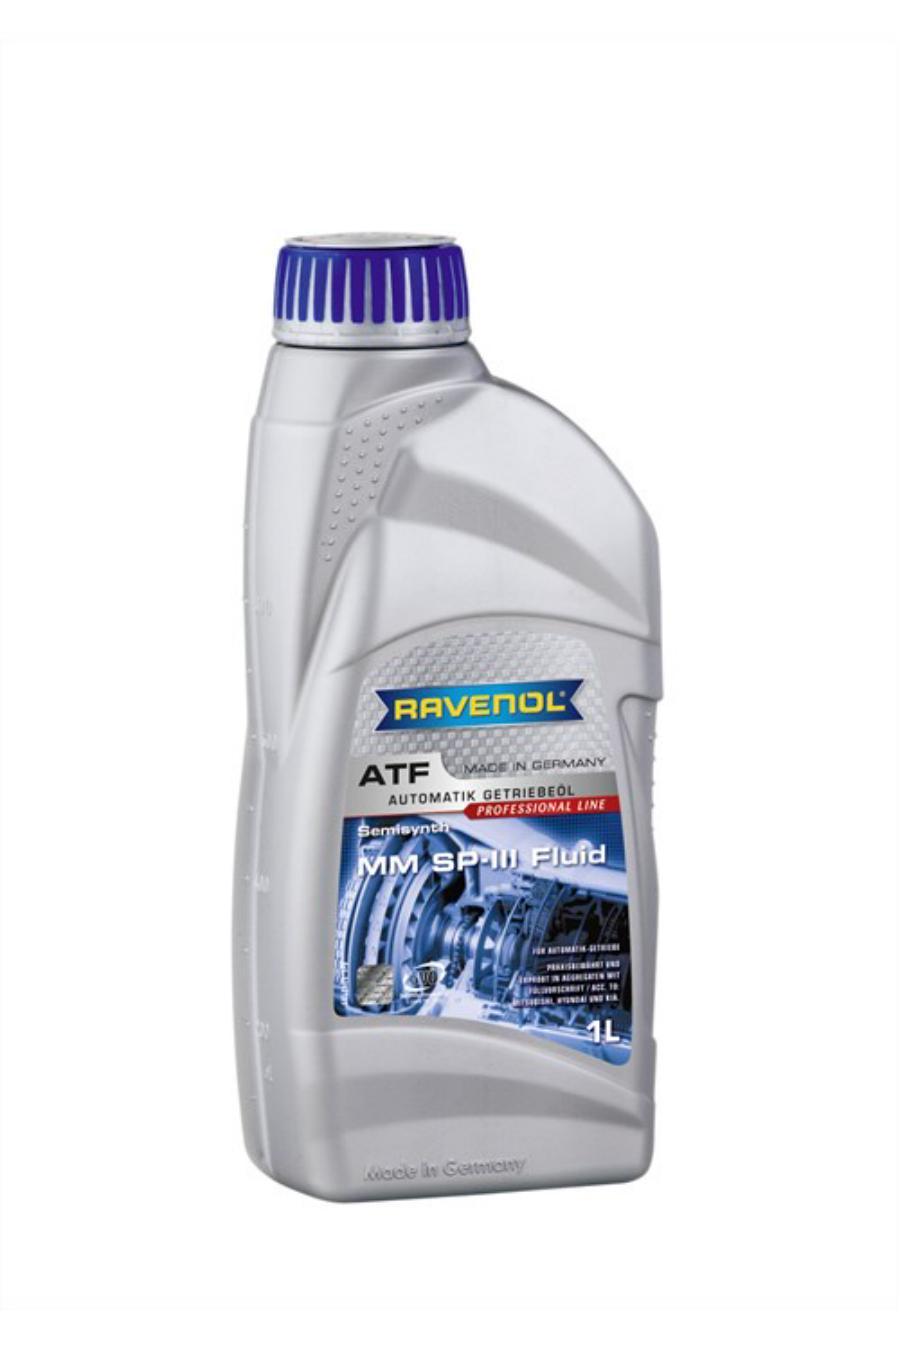 Трансмиссионное масло ravenol atf mm sp-iii fluid ( 1л) new